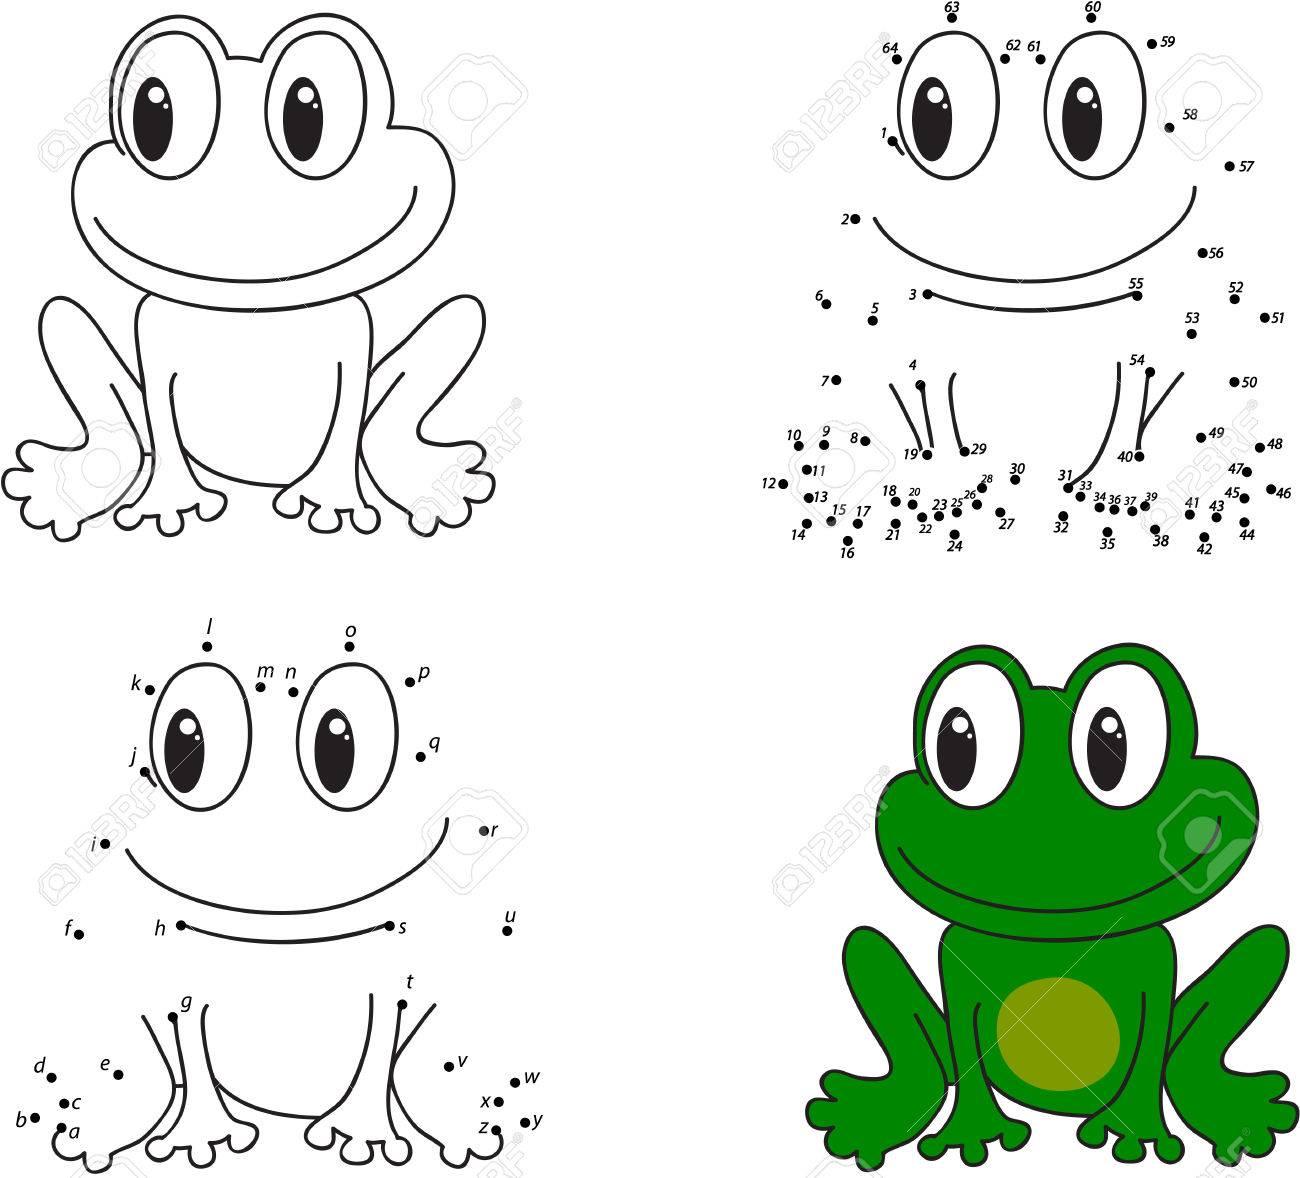 Ungewöhnlich Cartoon Frosch Malvorlagen Galerie - Malvorlagen Von ...